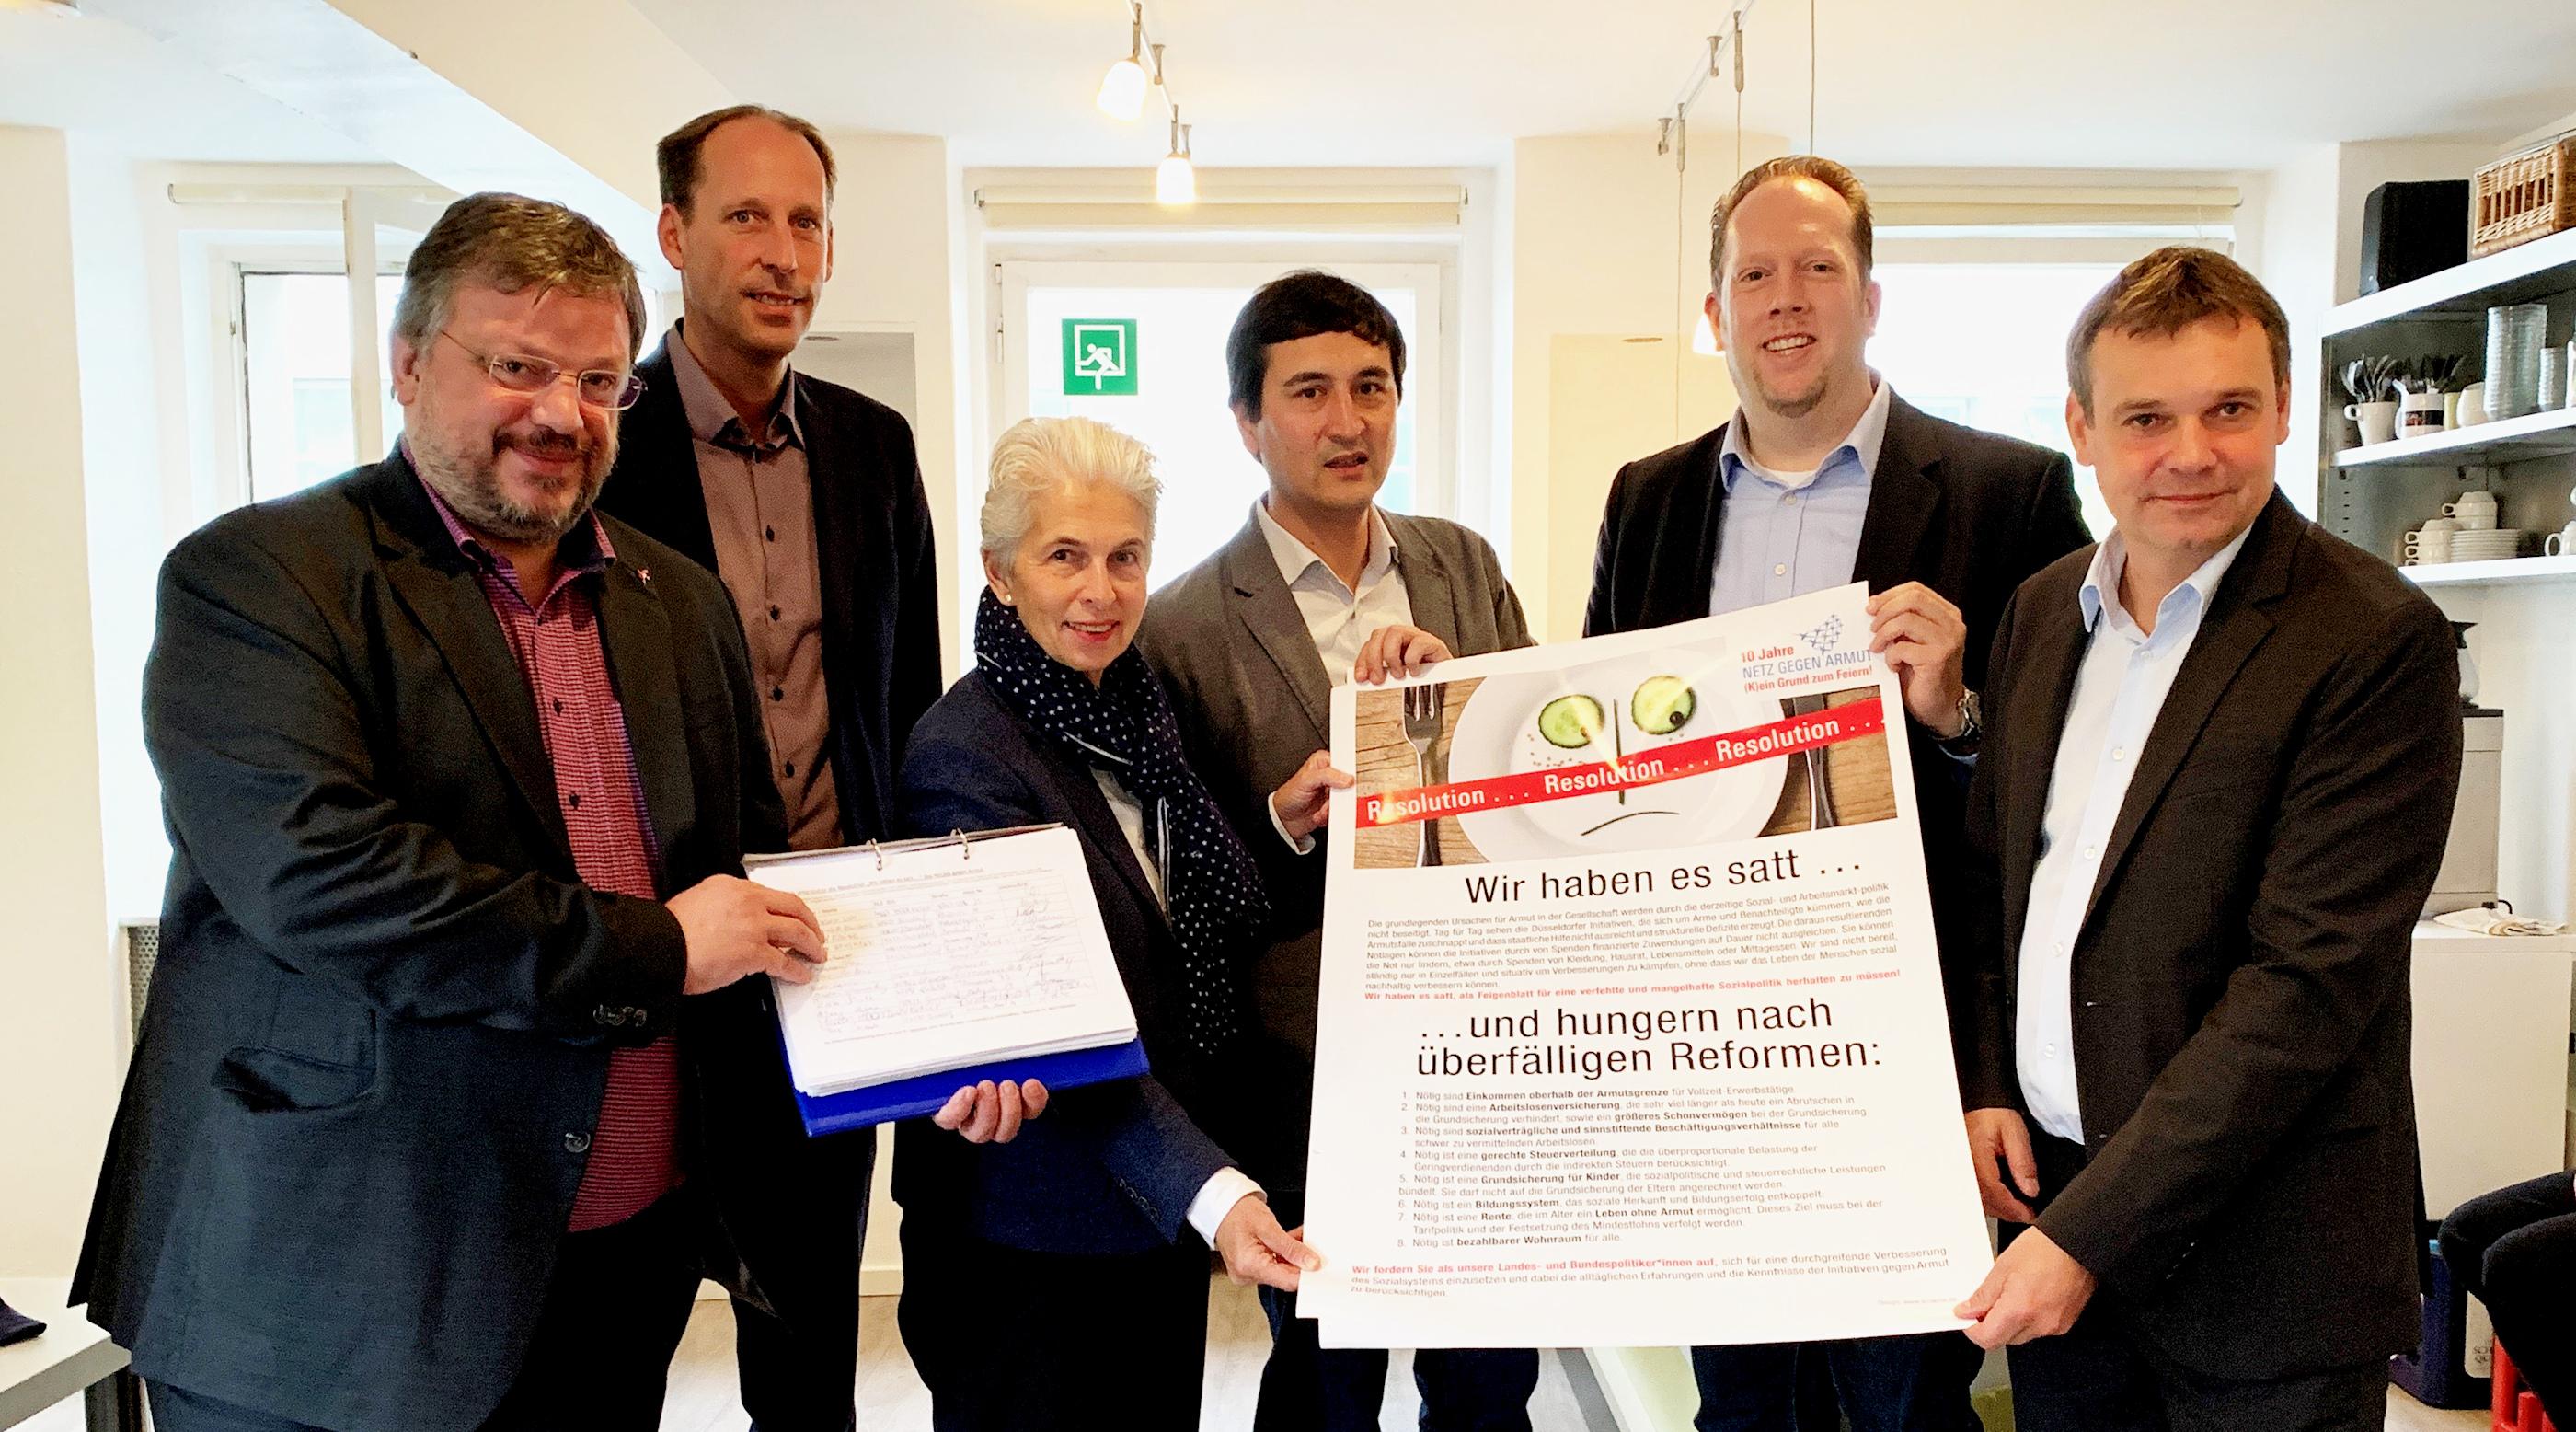 """Andreas Rimkus bei Übergabe der Resolution des Düsseldorfer """"Netz gegen Armut"""""""